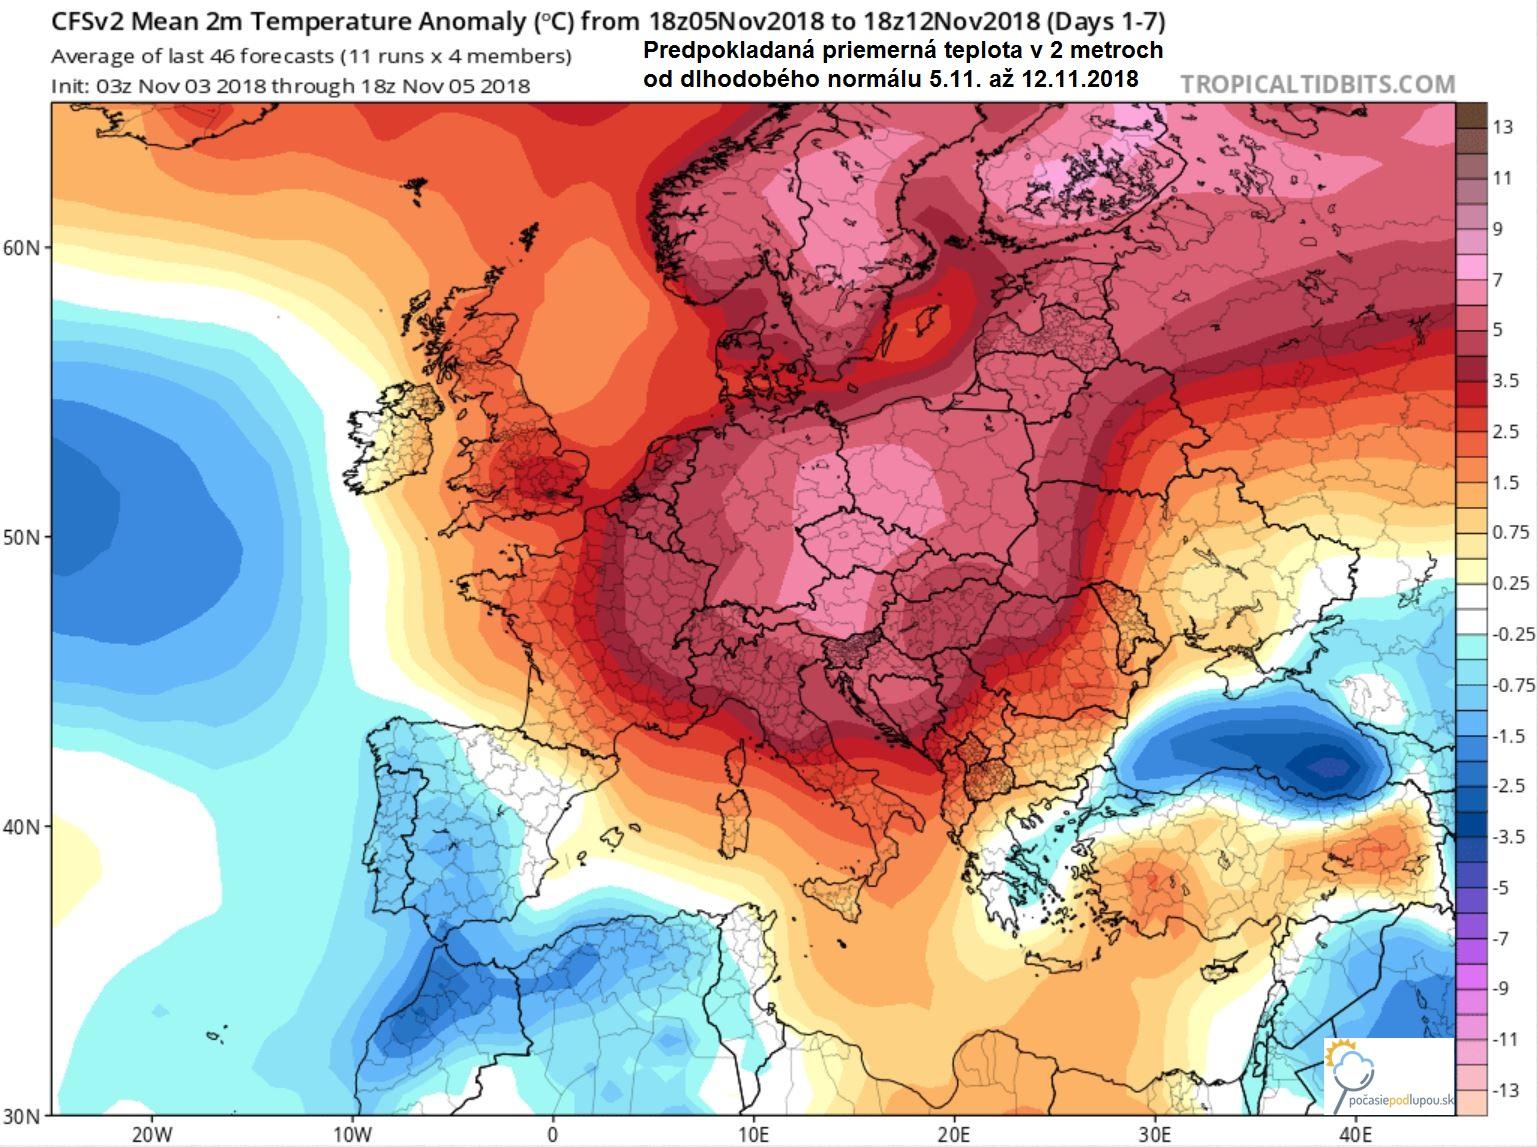 51f547ac4 ... minimálne do 15.novembra nás nečaká prakticky žiadna výraznejšia zmena  v počasí. Ako môžete vidieť aj na prvom obrázku na nasledujúcich 7 dní  dopredu, ...